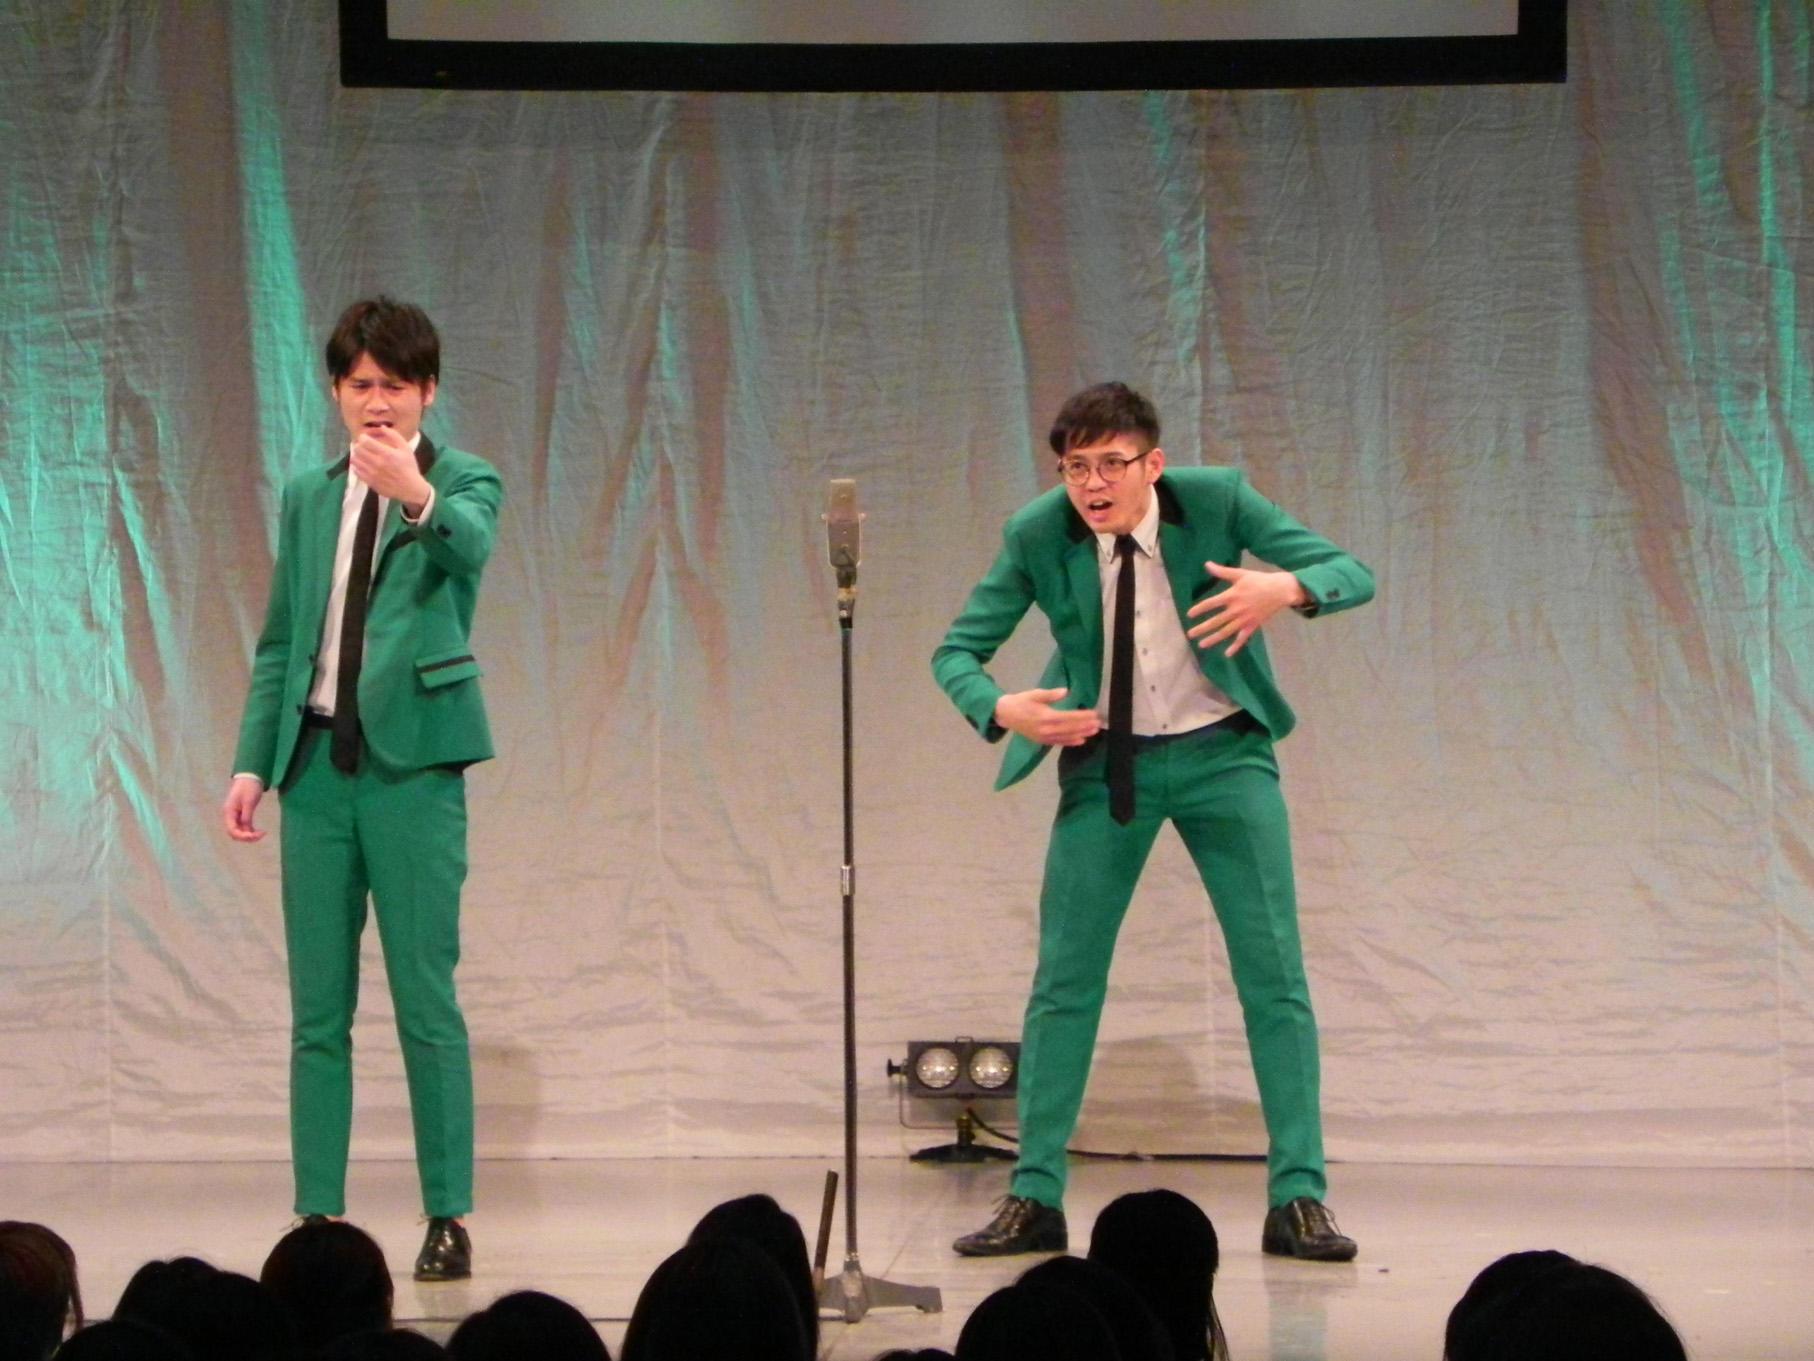 http://news.yoshimoto.co.jp/20170505192007-535c192d266e6d737502942c849bf045b3773948.jpg